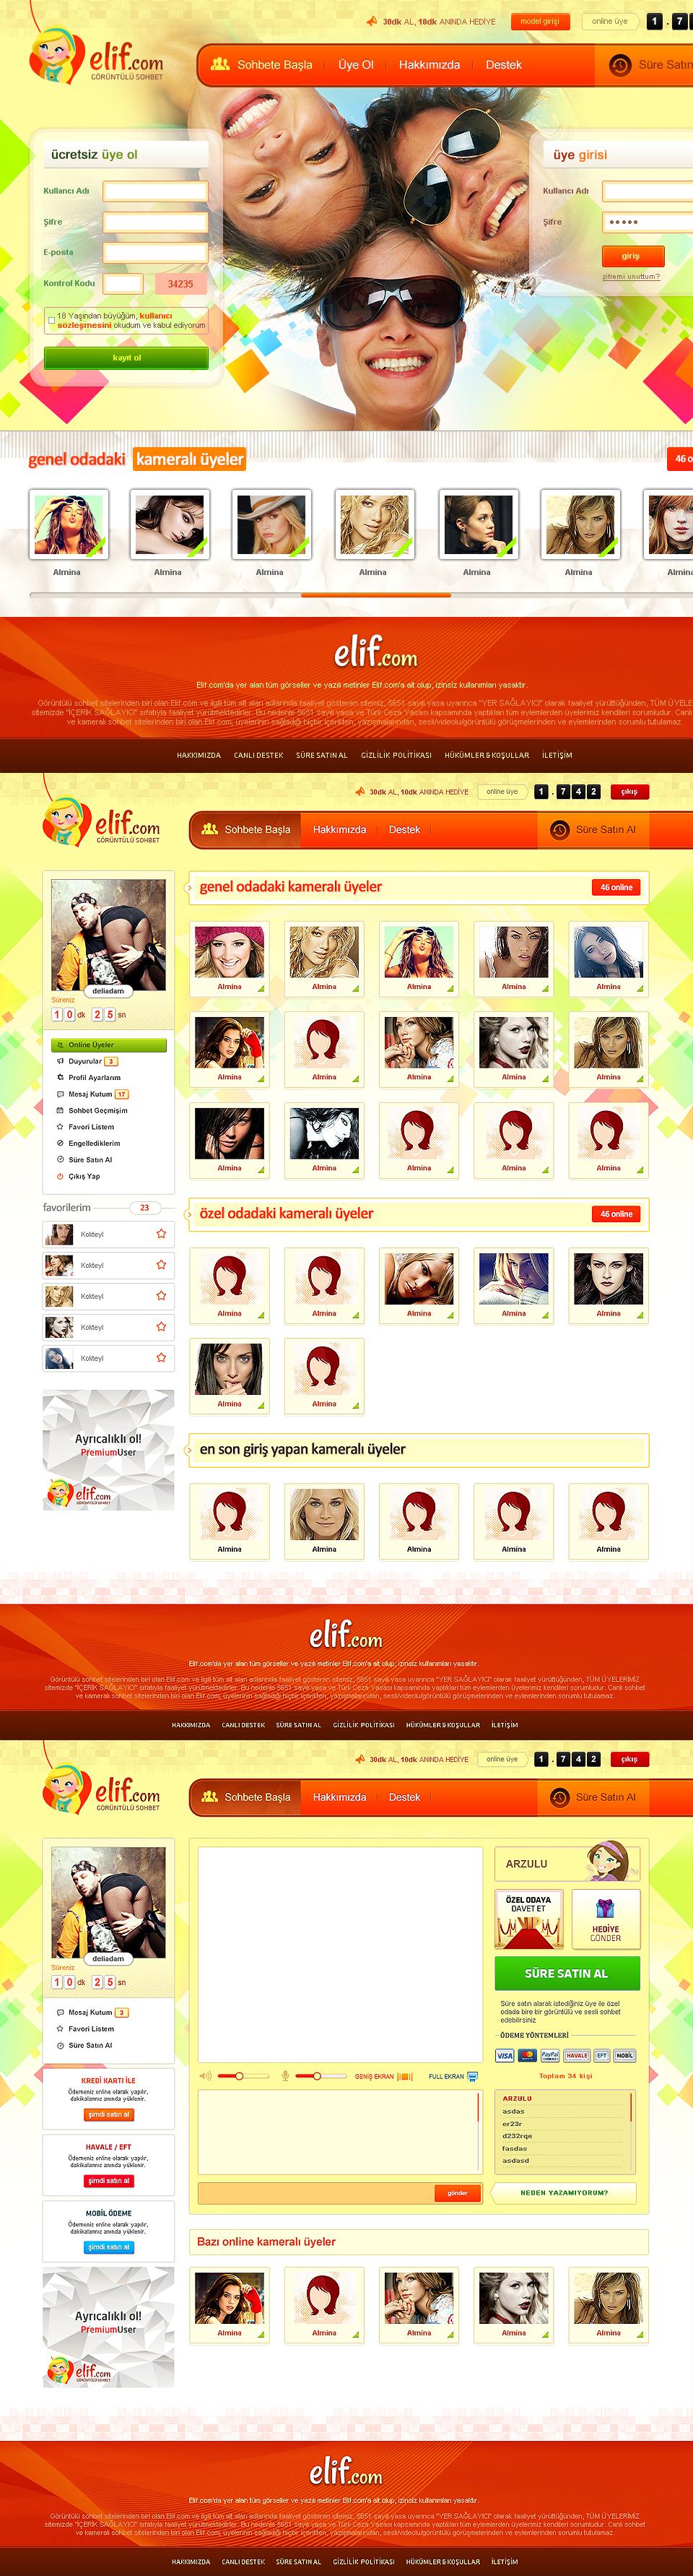 elif.com